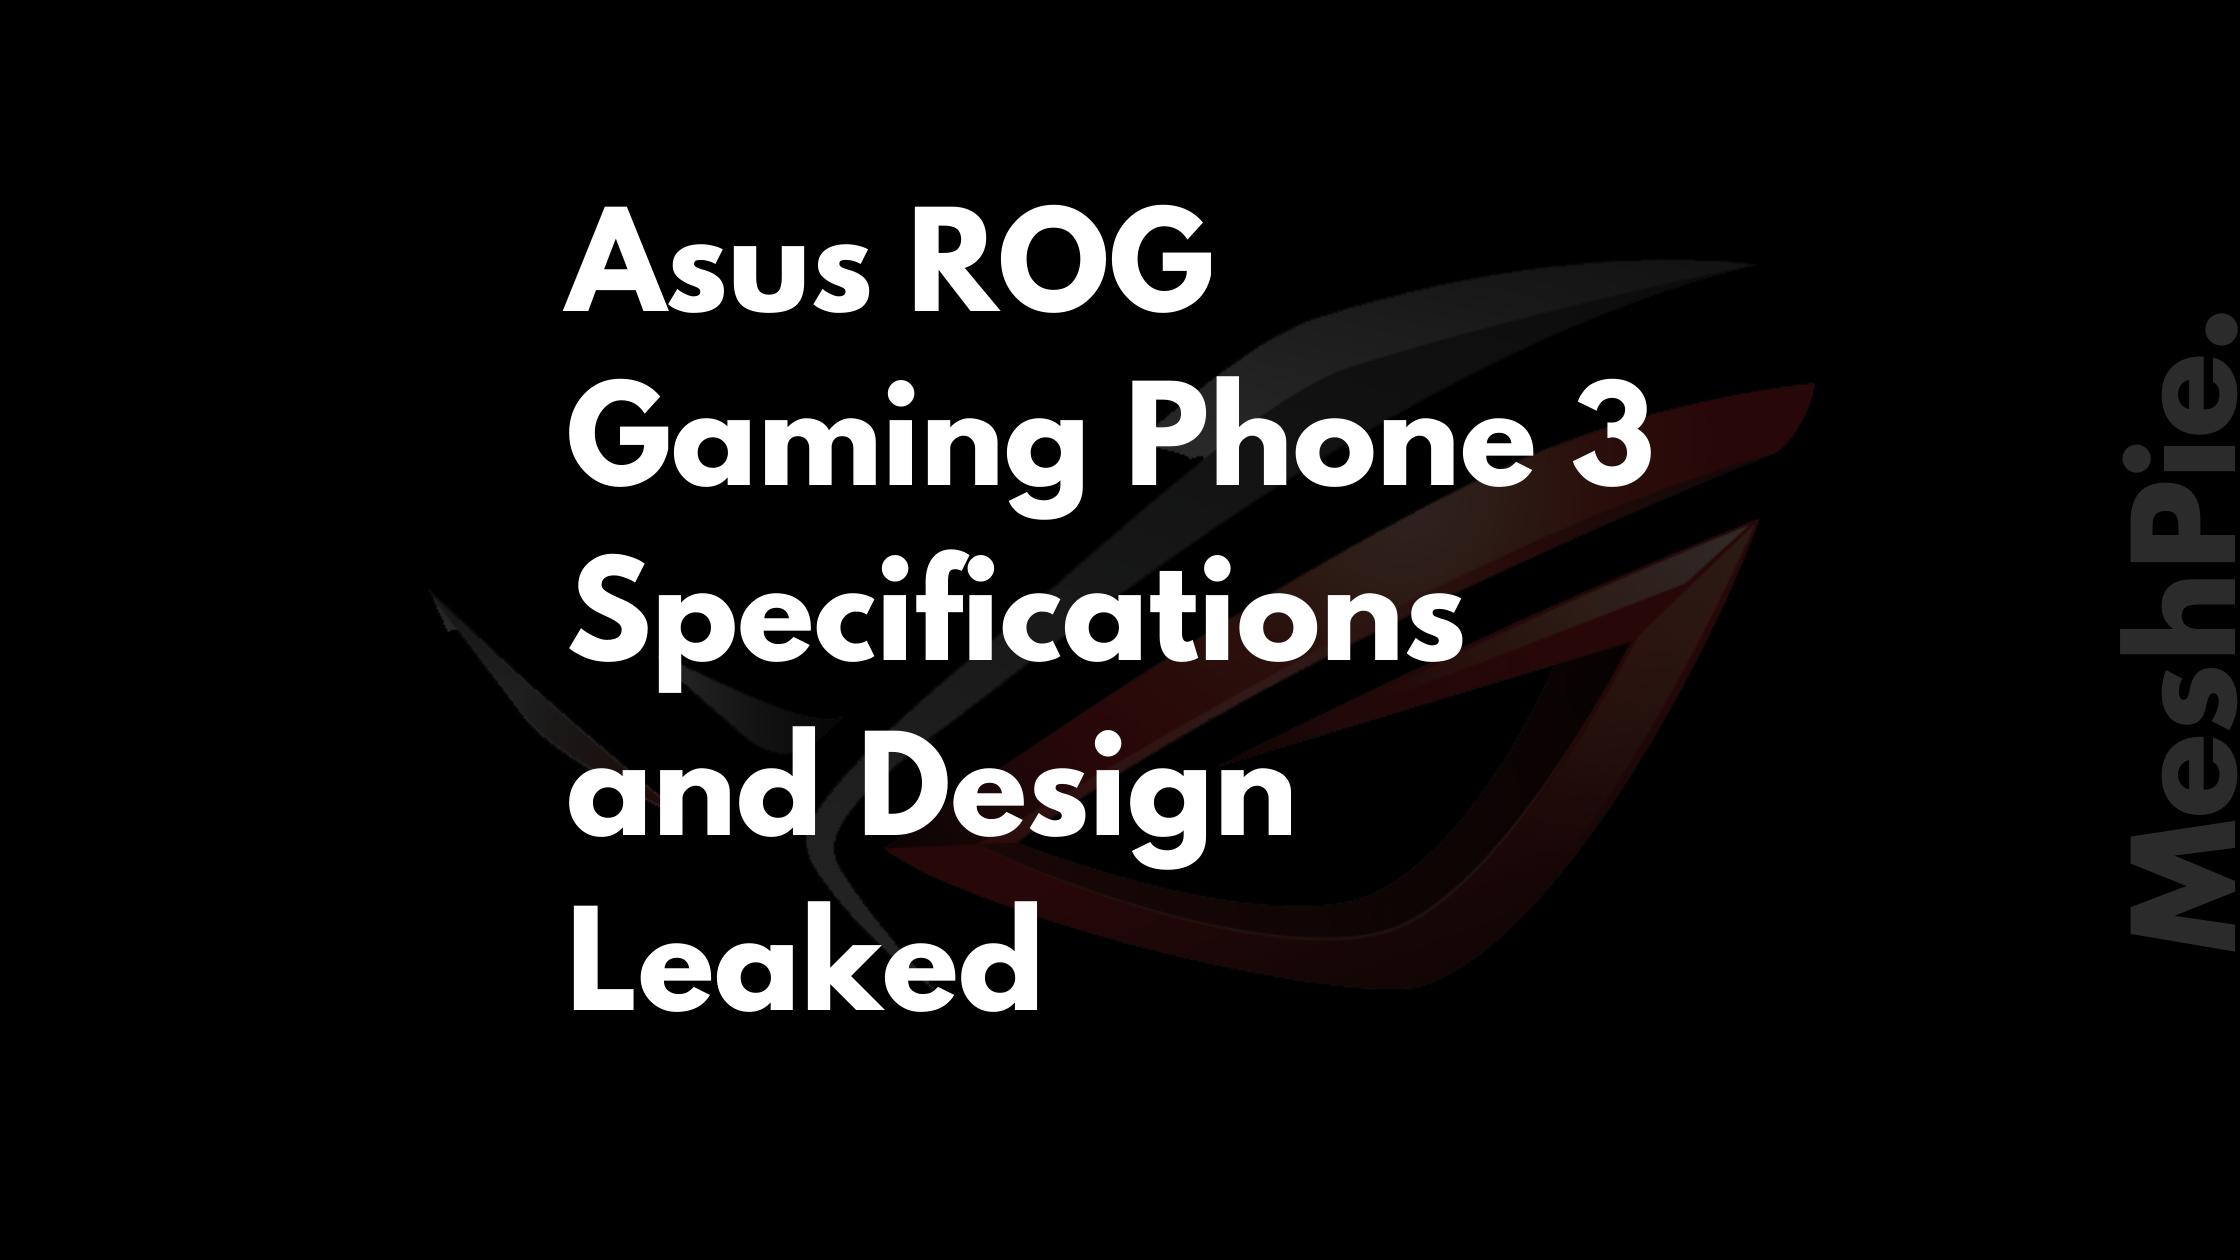 Asus-ROG-Gaming-Phone-3